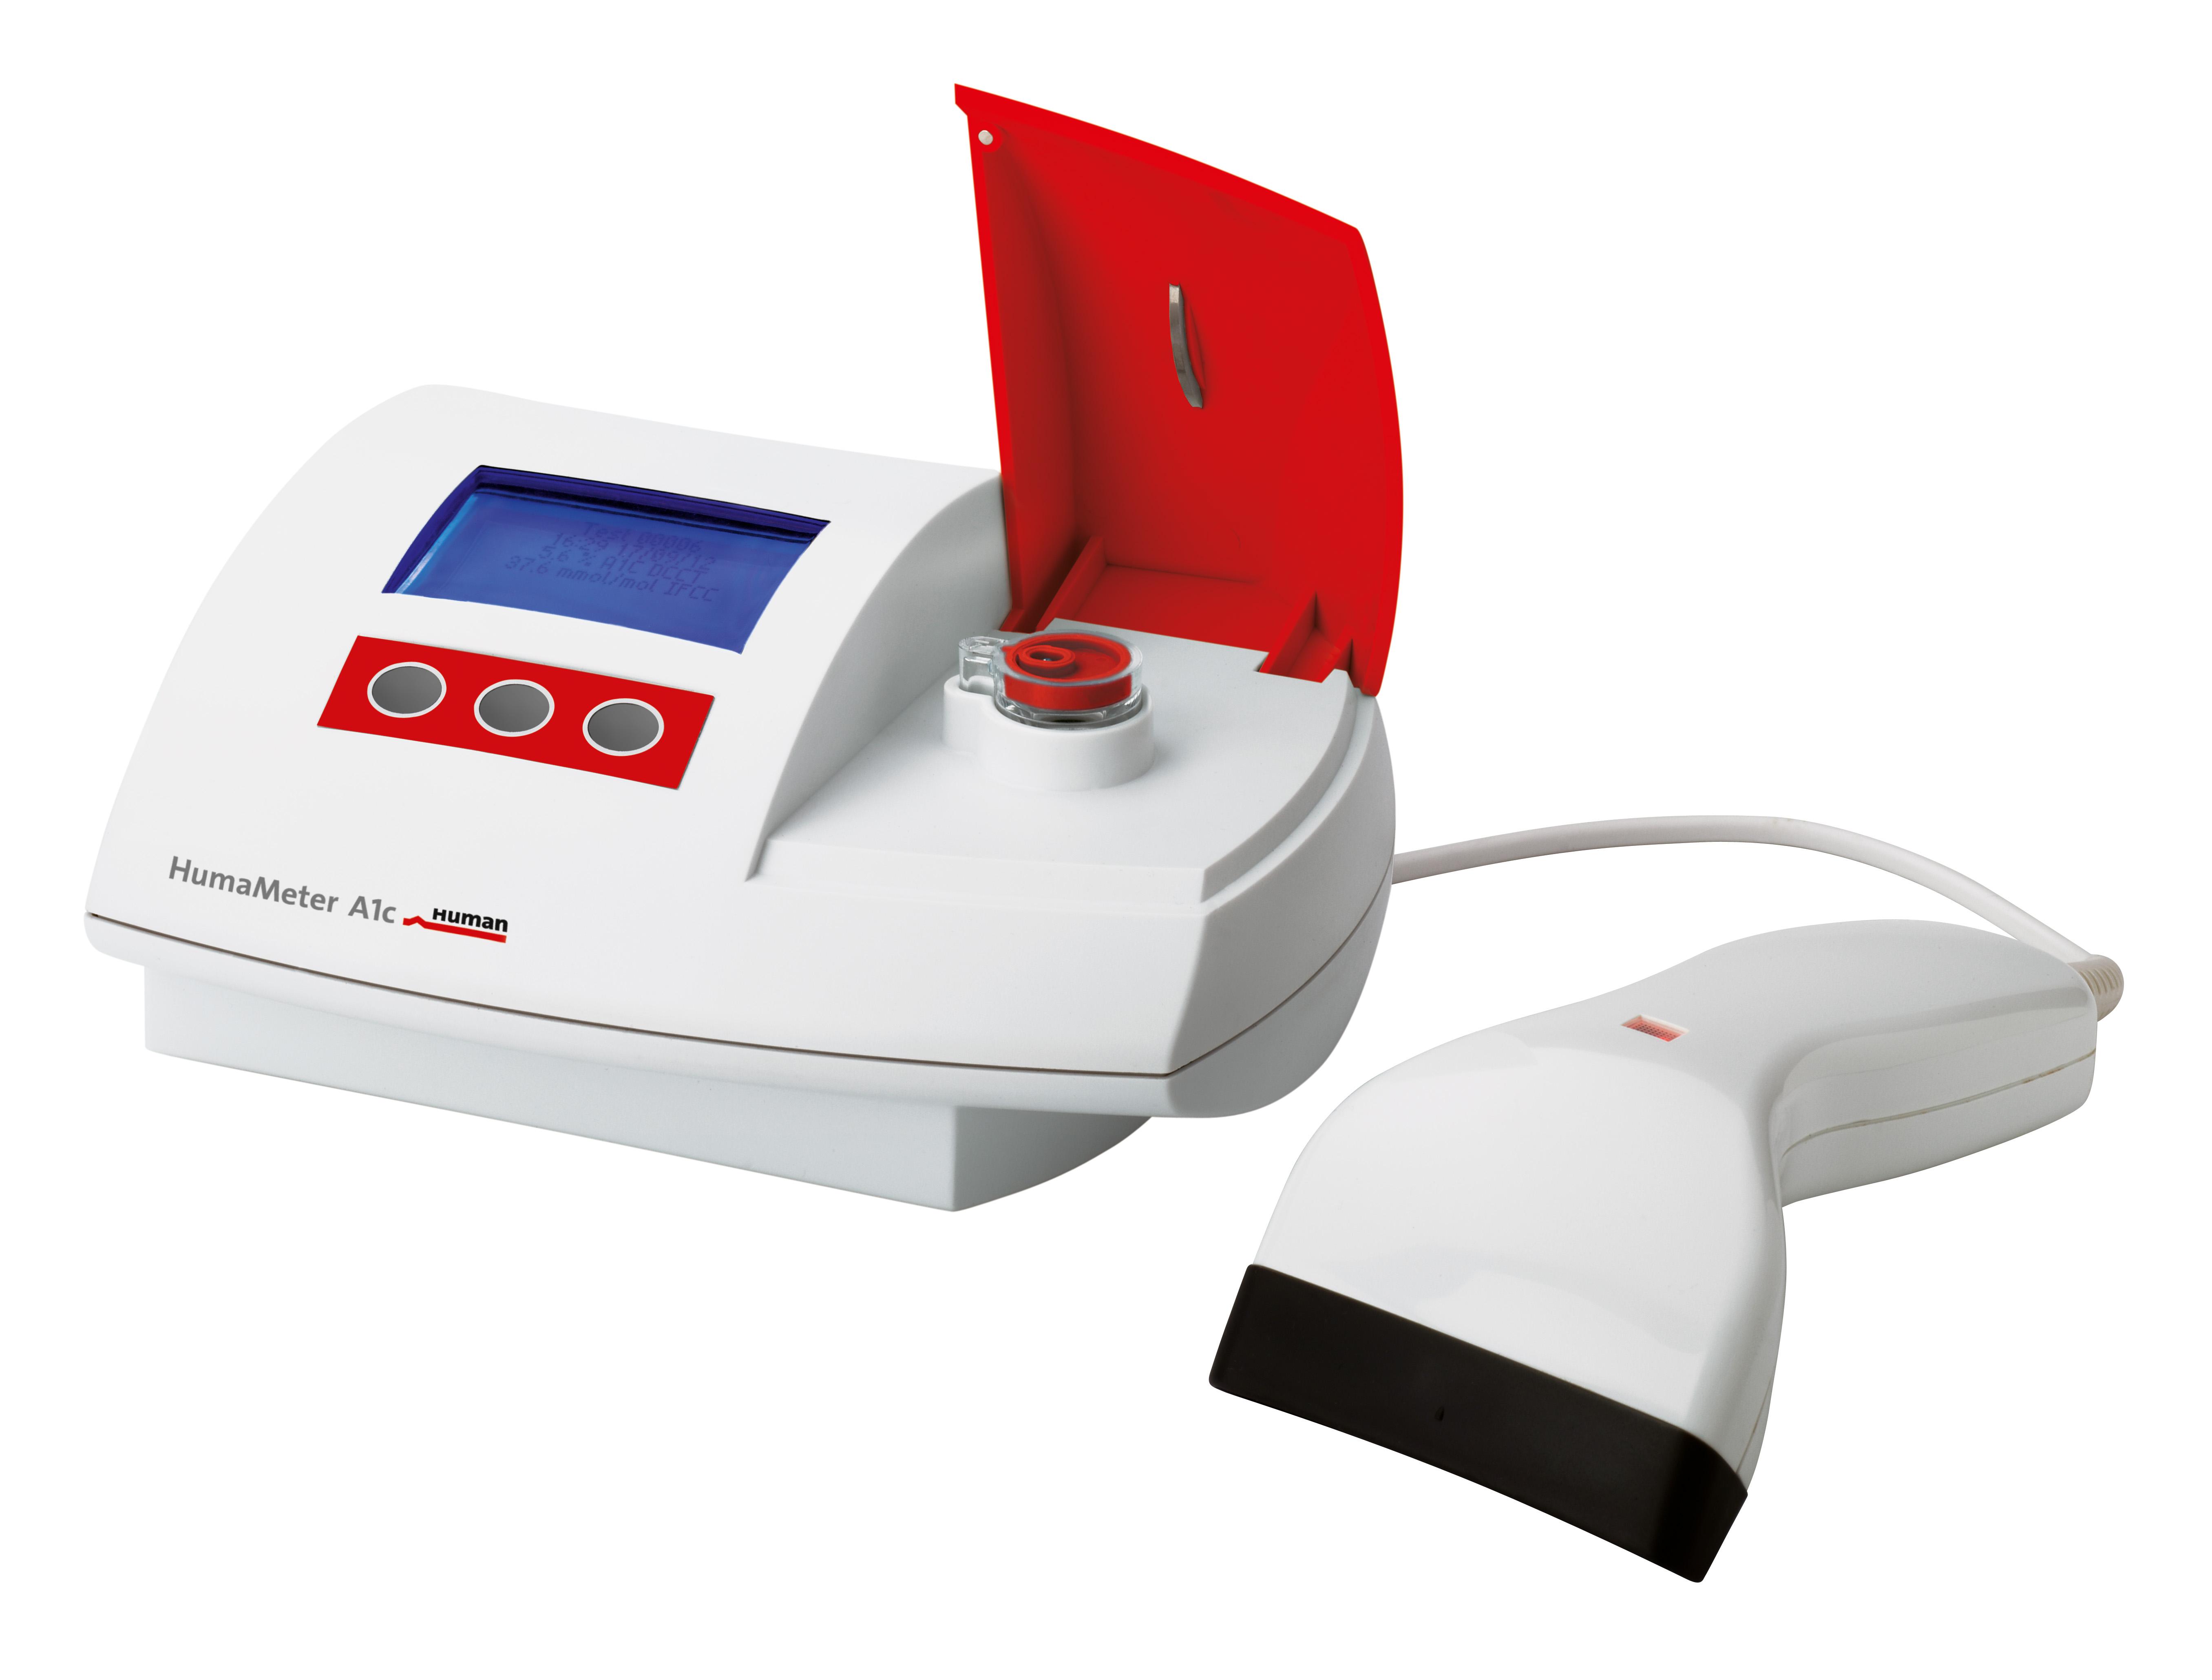 HumaMeter HbA1c